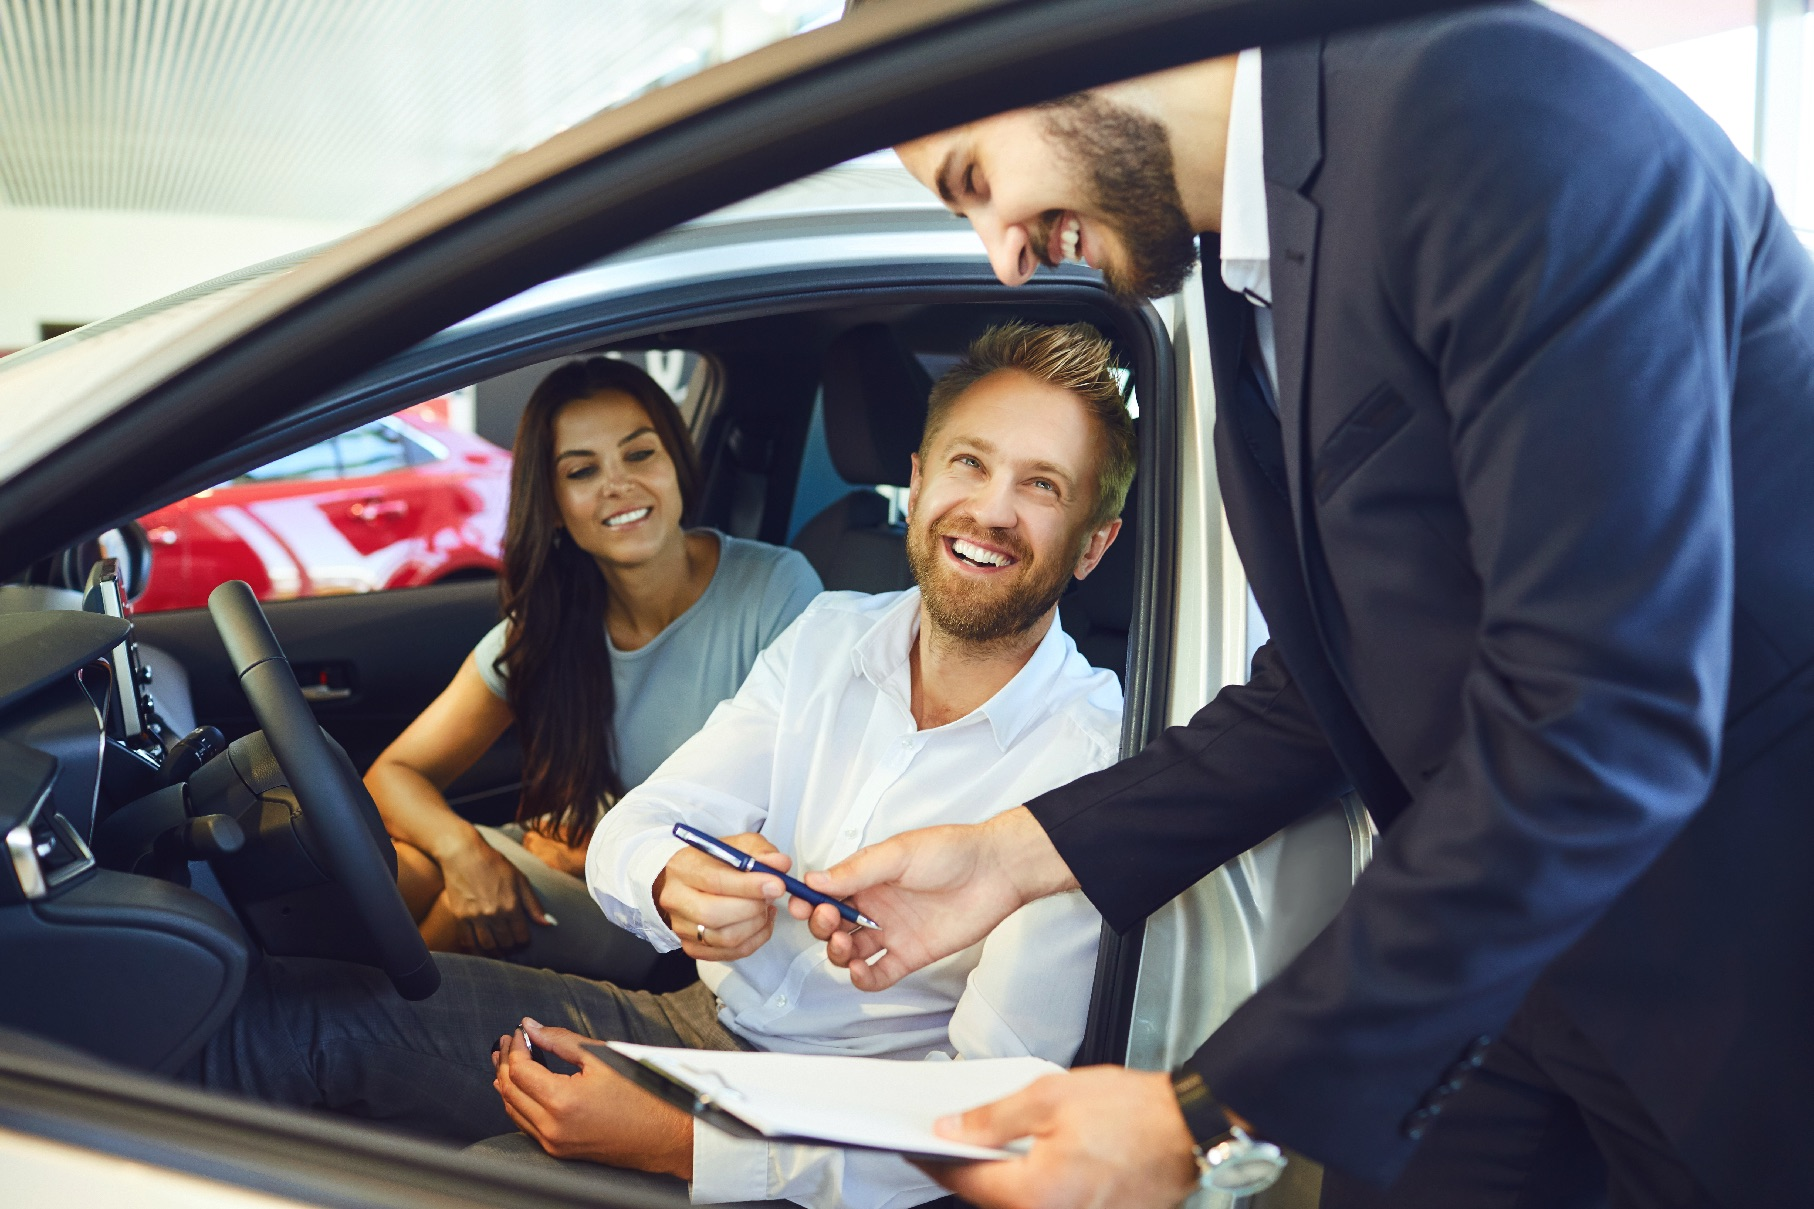 Como registar meu automóvel em Portugal?